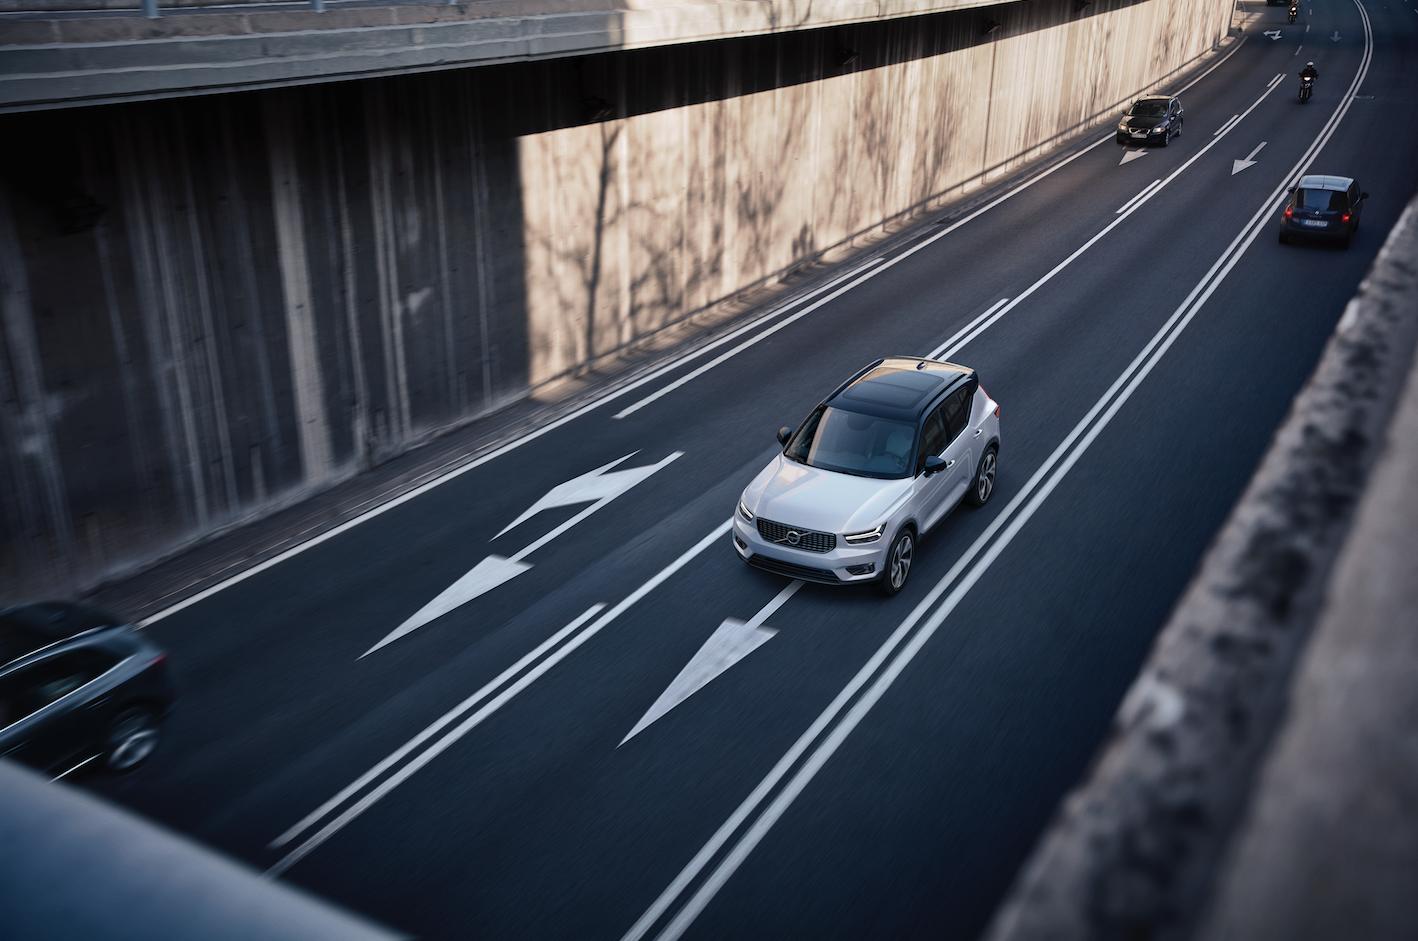 Con un diseño expresivo, un almacenamiento ingenioso y una tecnología inteligente, el nuevo Volvo XC40  ahora está disponible en una versión híbrida enchufable.